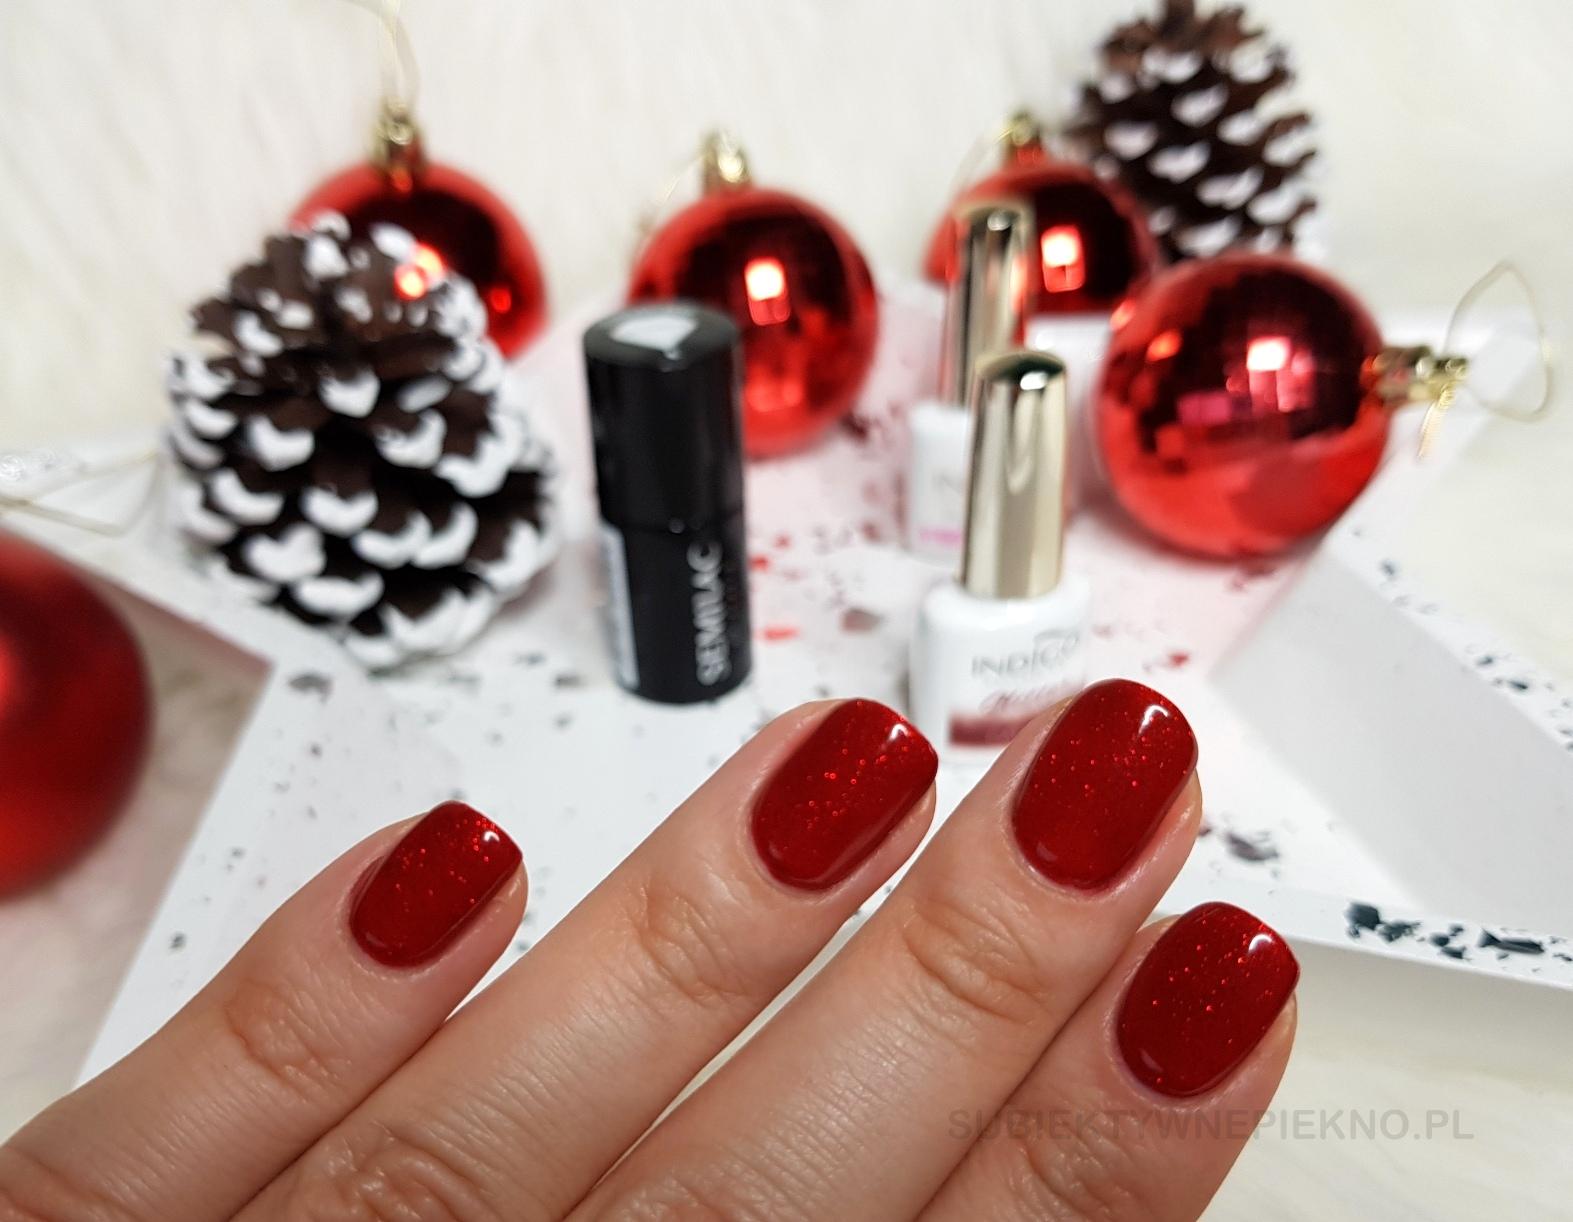 Lakier hybrydowy Indigo Nails Catwalk swatche na paznokciach - piękna czerwień z drobinkami na święta i sylwestra